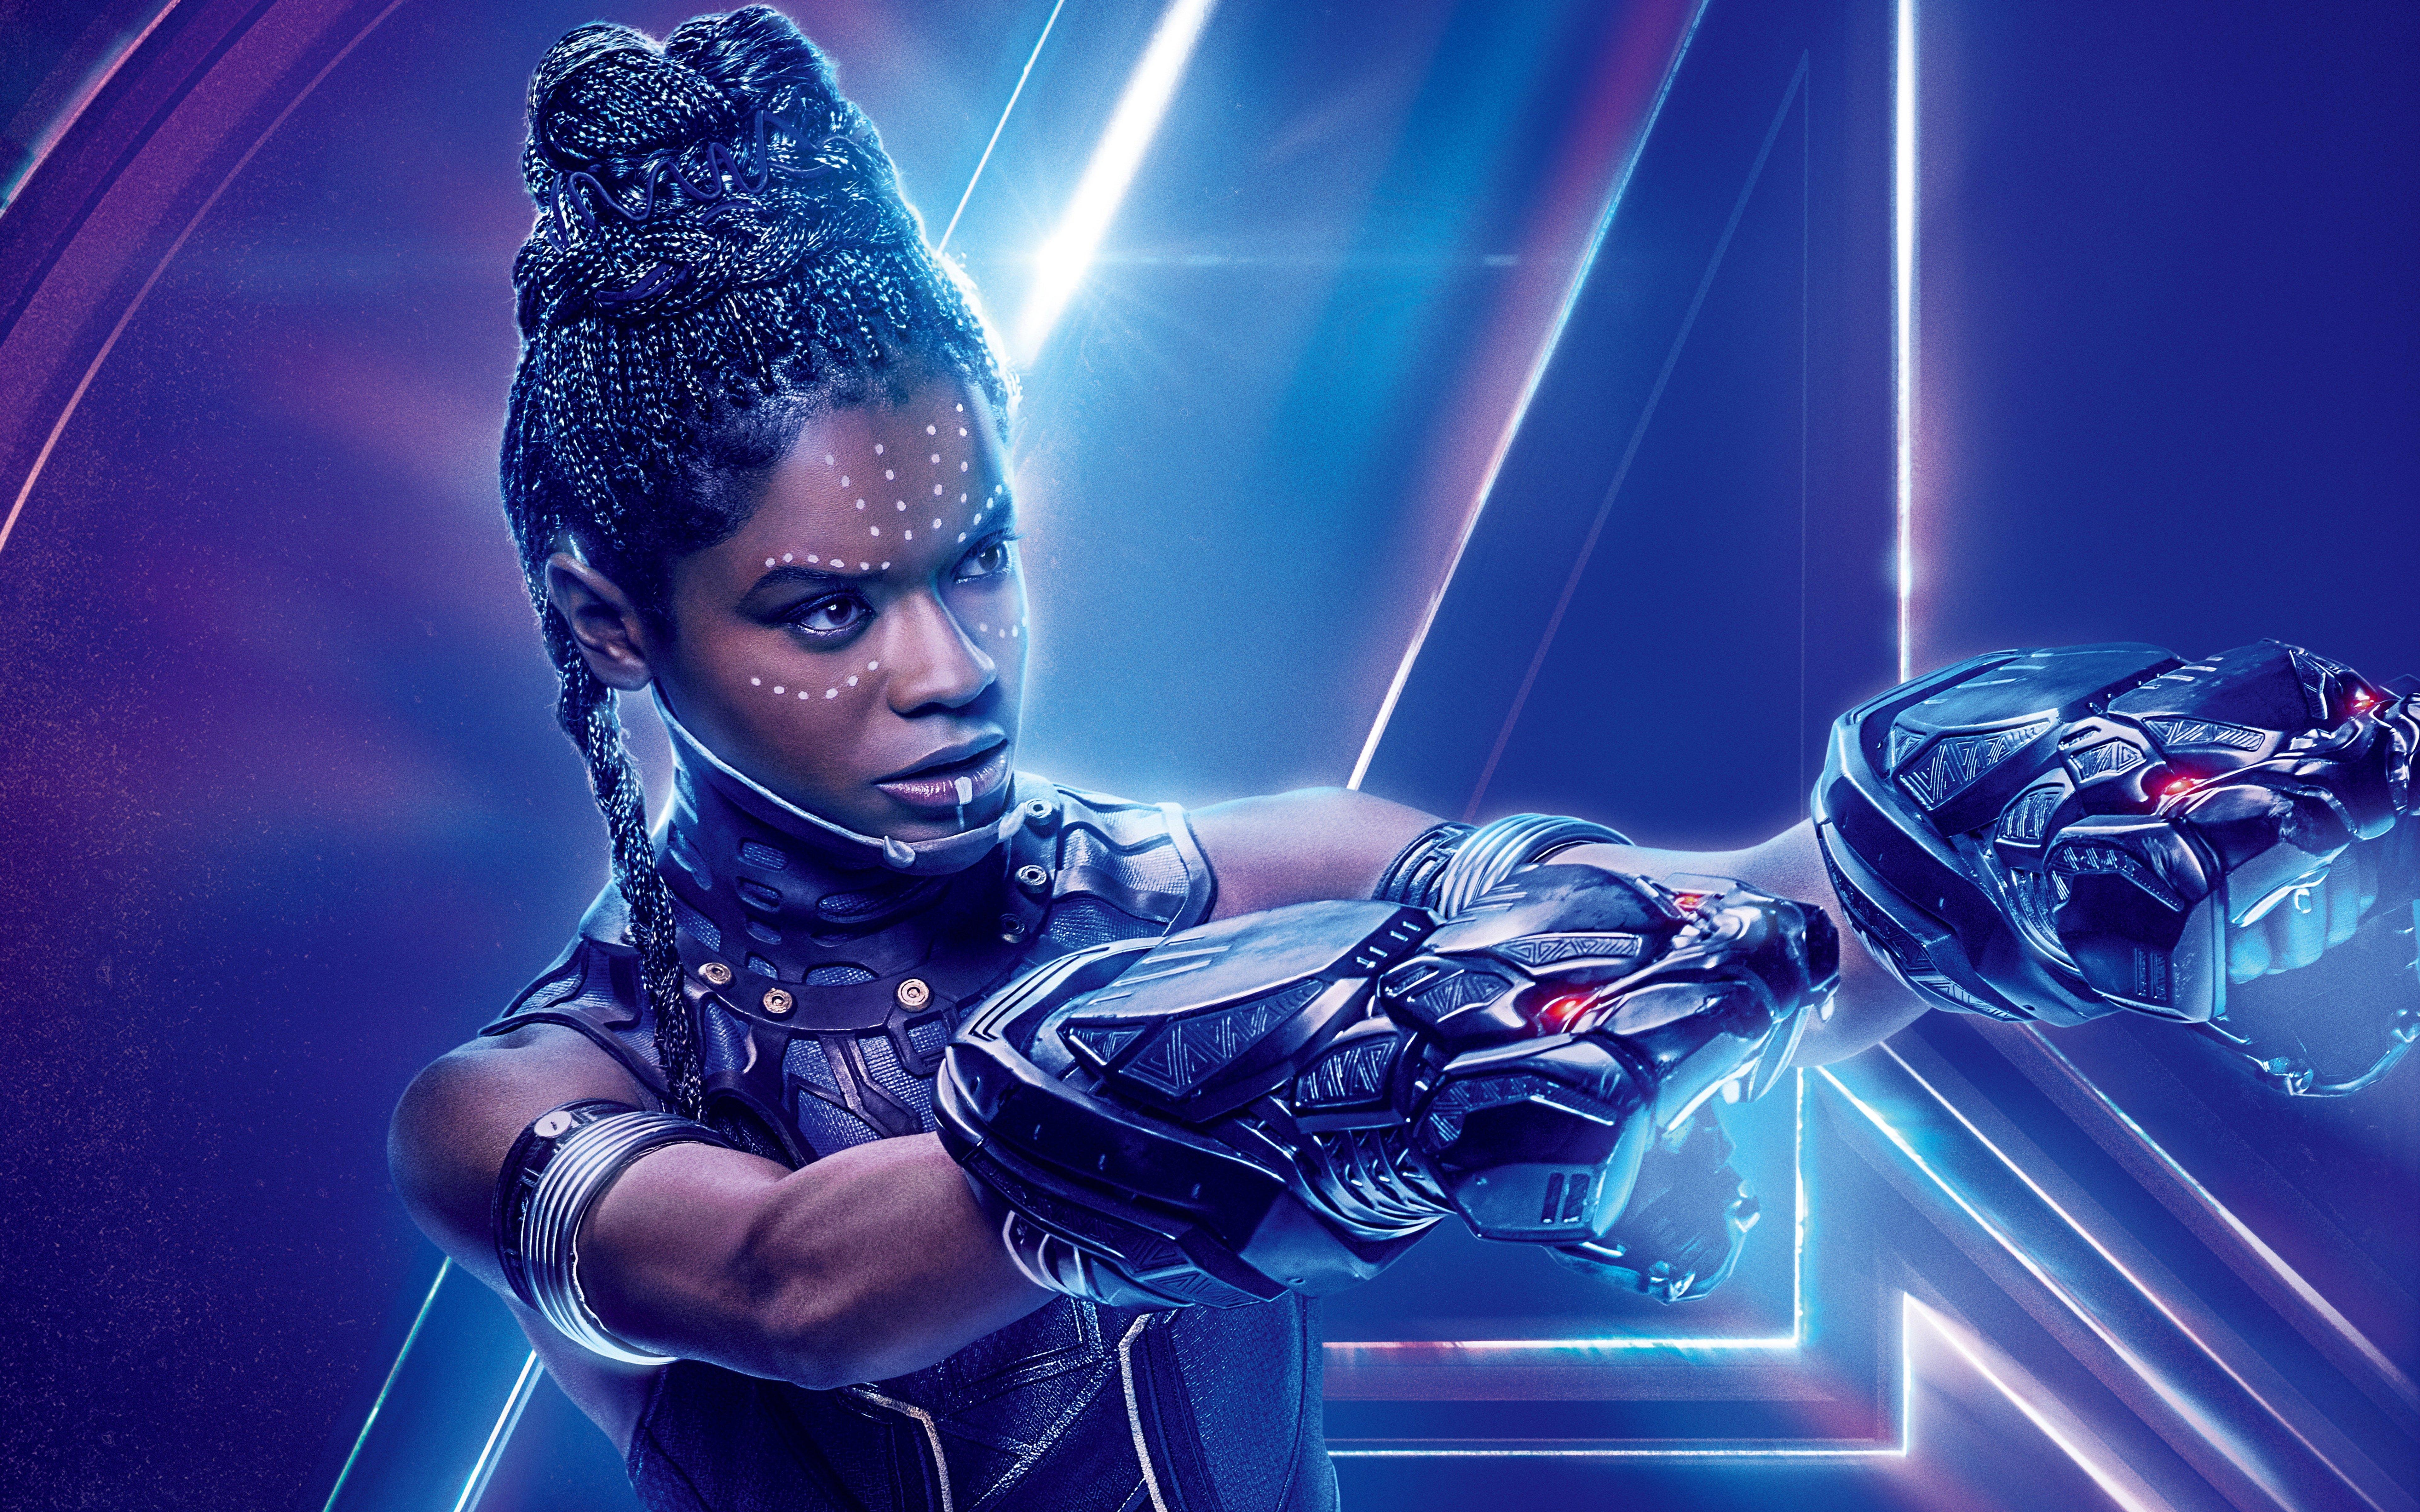 Avengers Infinity War 2018 Thanos 4k Uhd 3 2 3840x2560: Avengers: Infinity War (2018) Shuri 8K Ultra HD Wallpaper